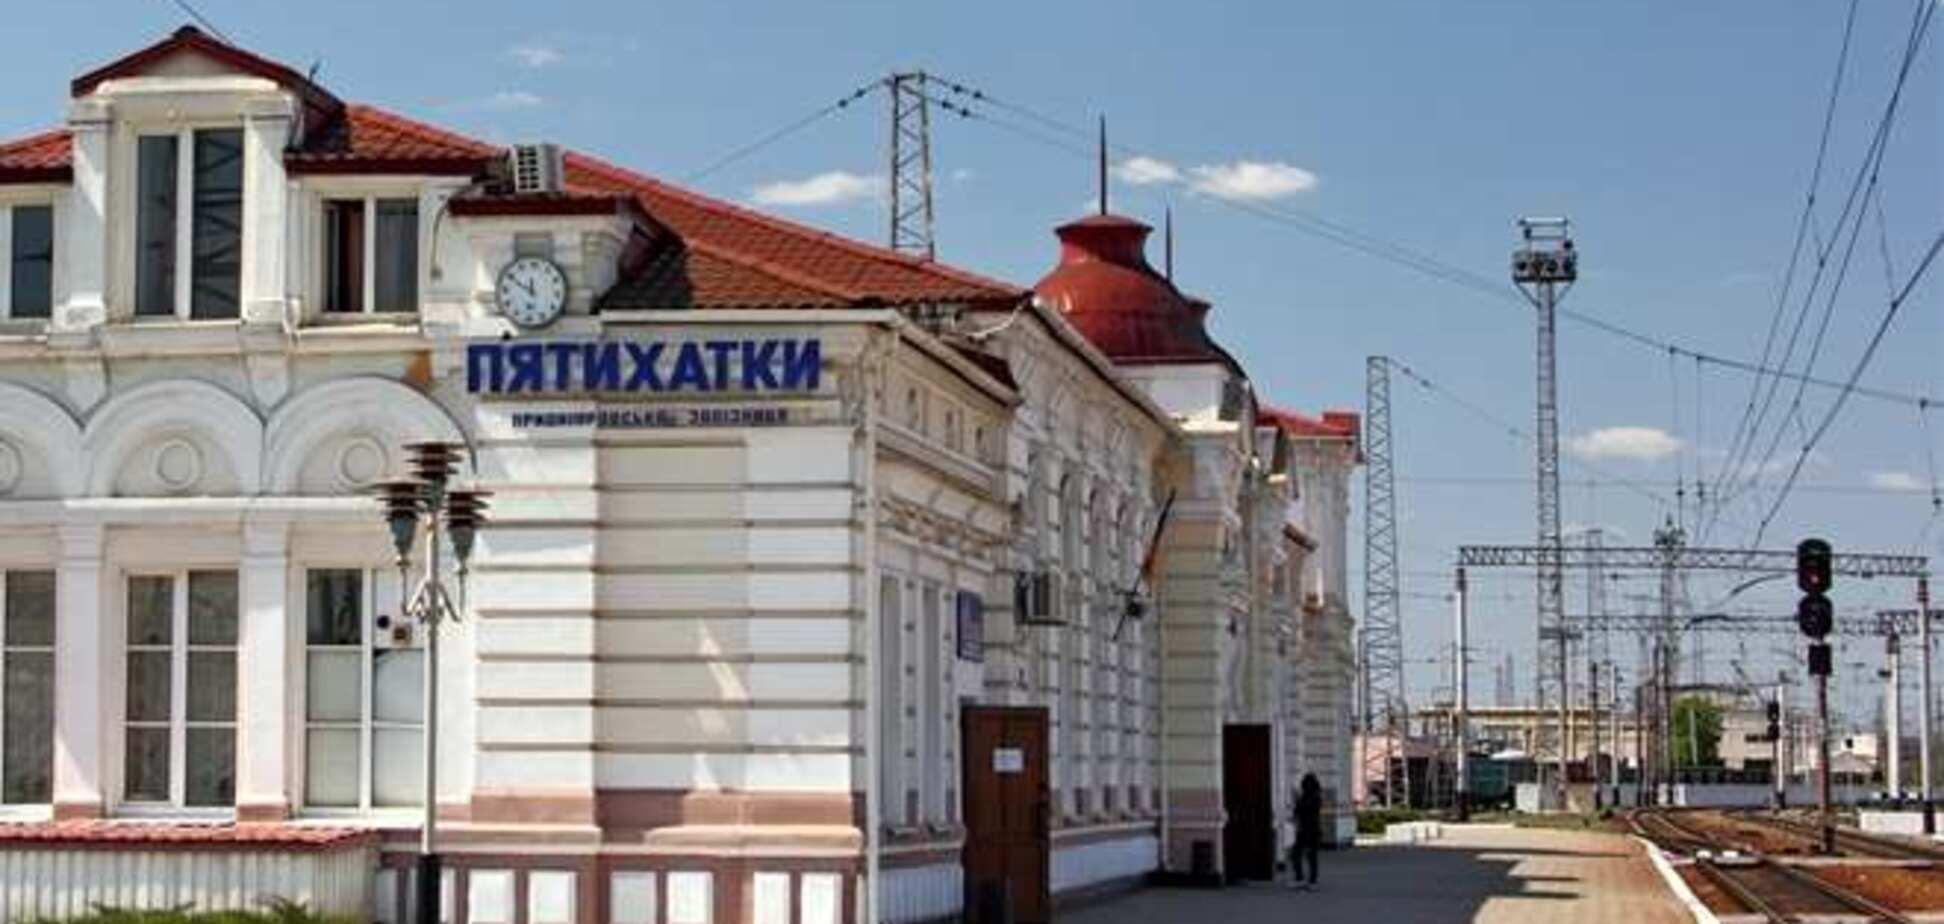 Поїзд, що їхав в Запоріжжі, раптово приїхав до Дніпропетровська